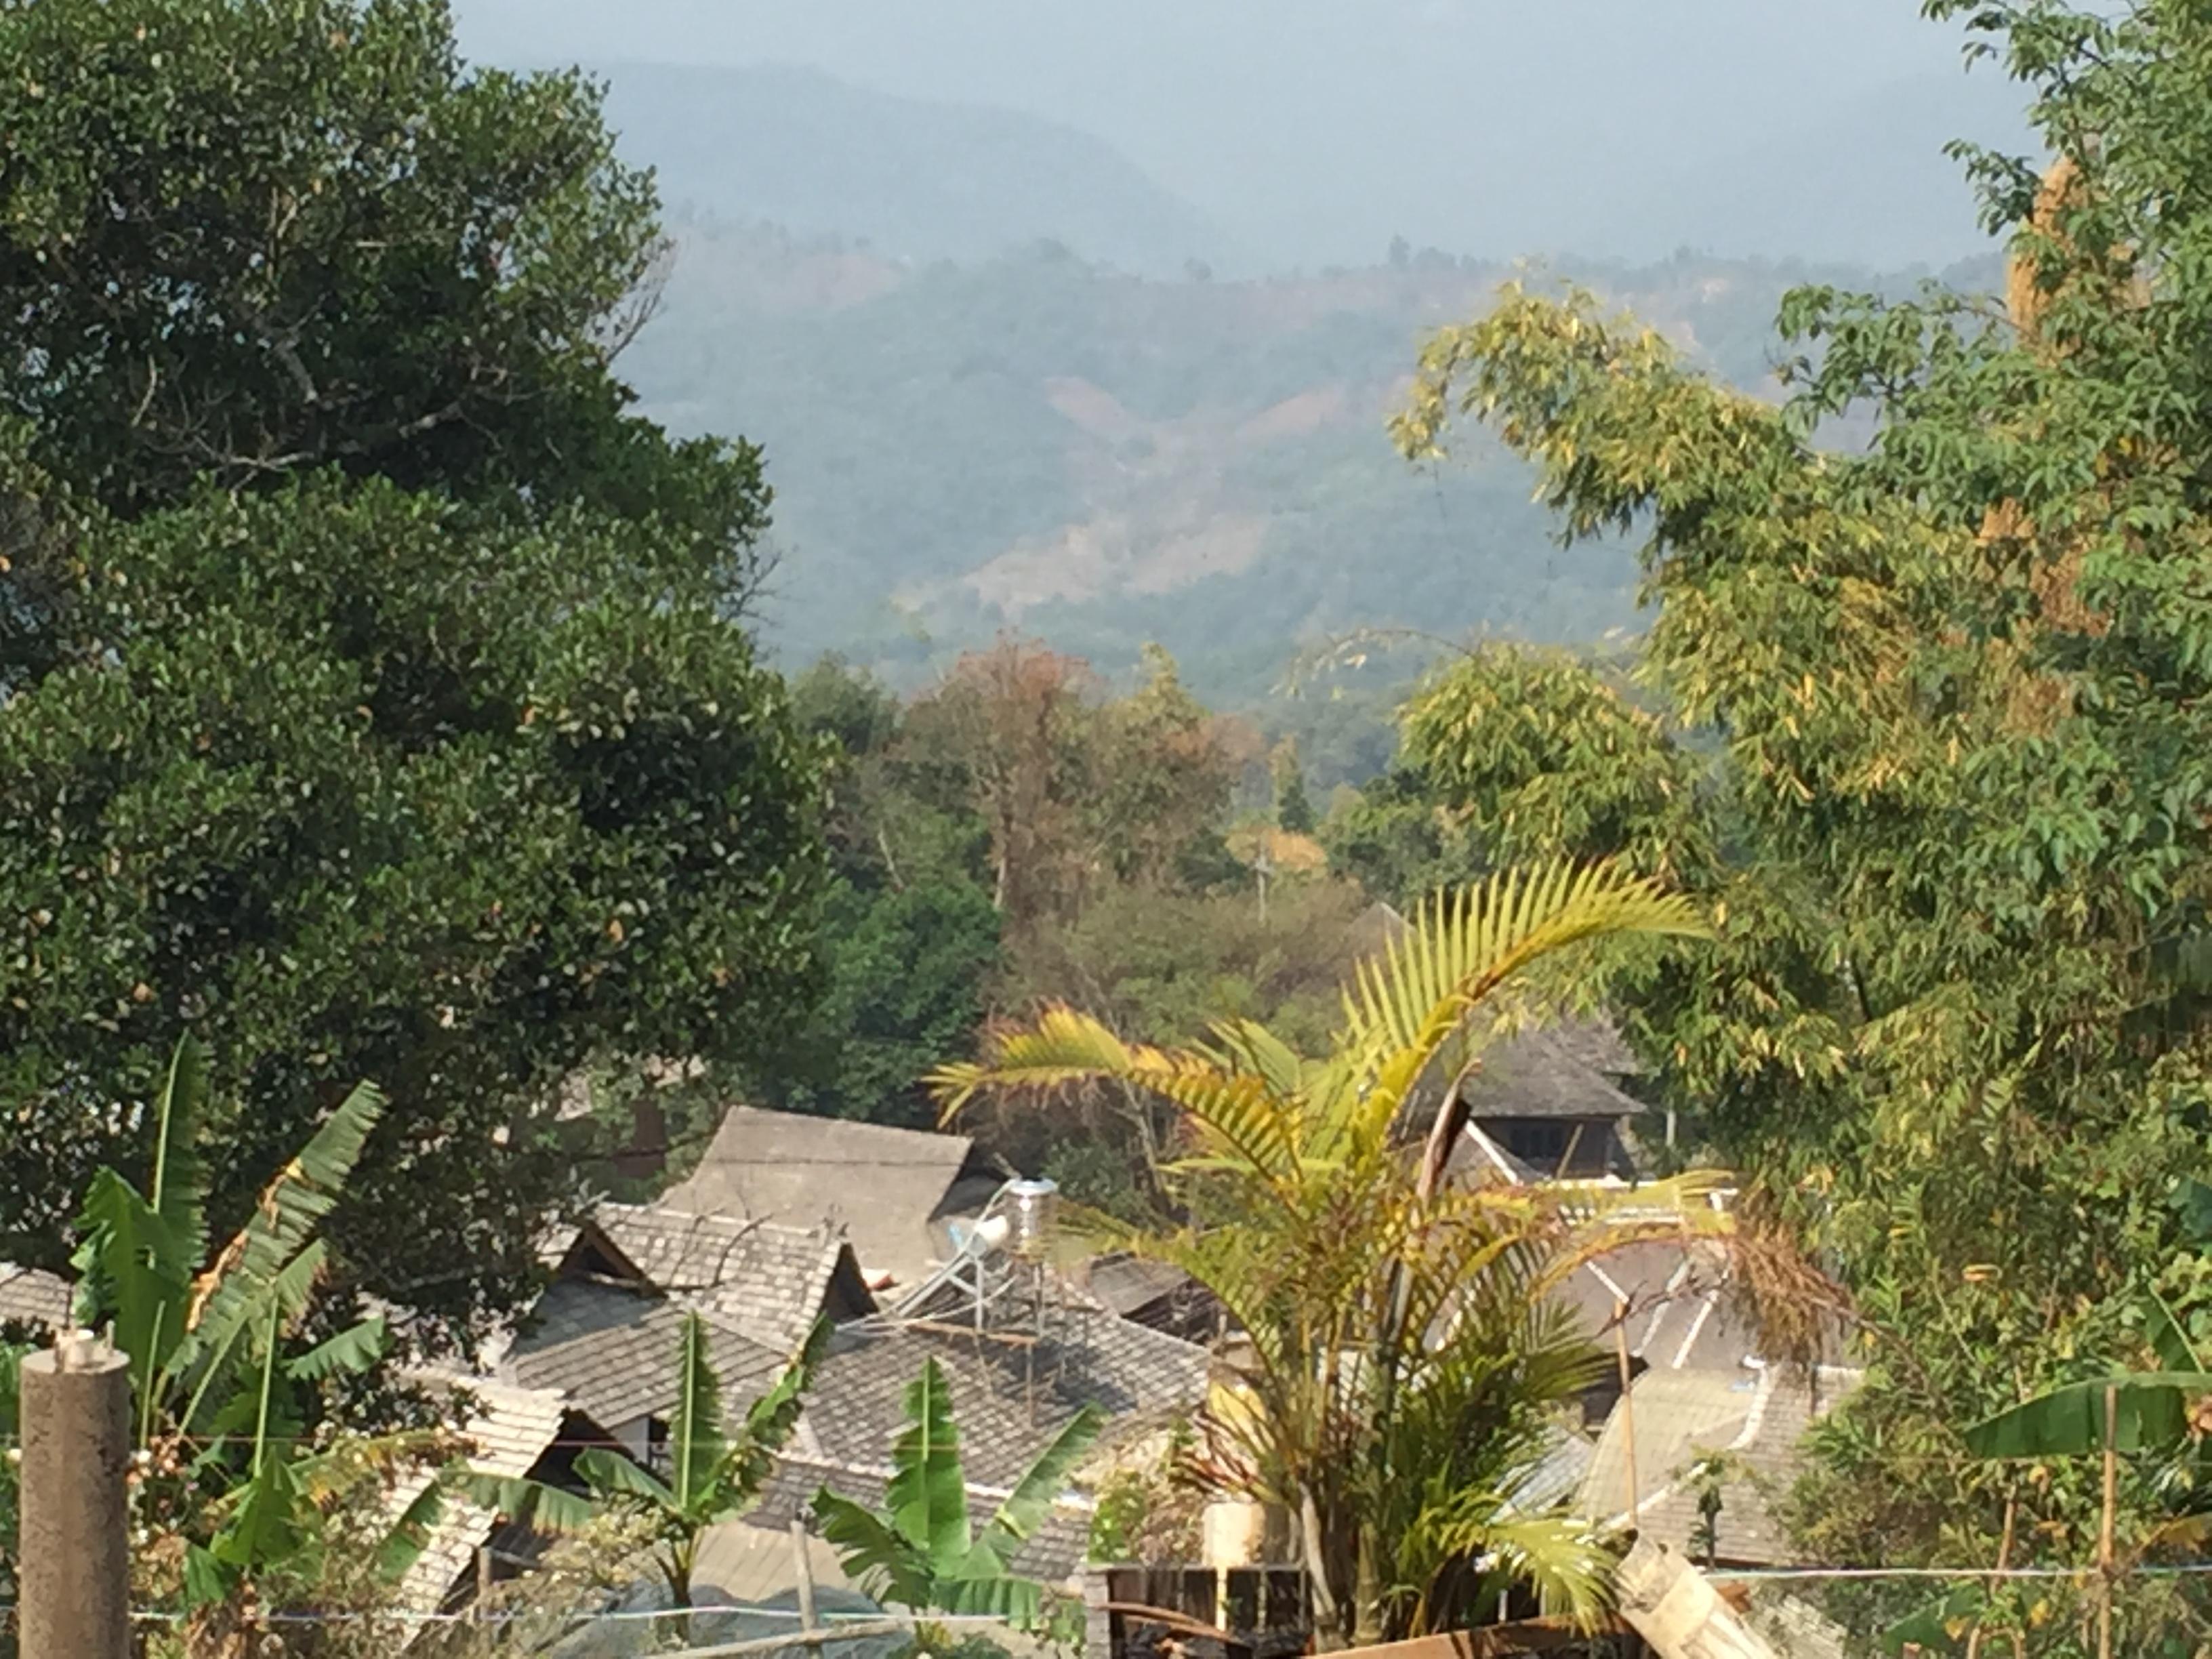 Jing Mai Bjerge